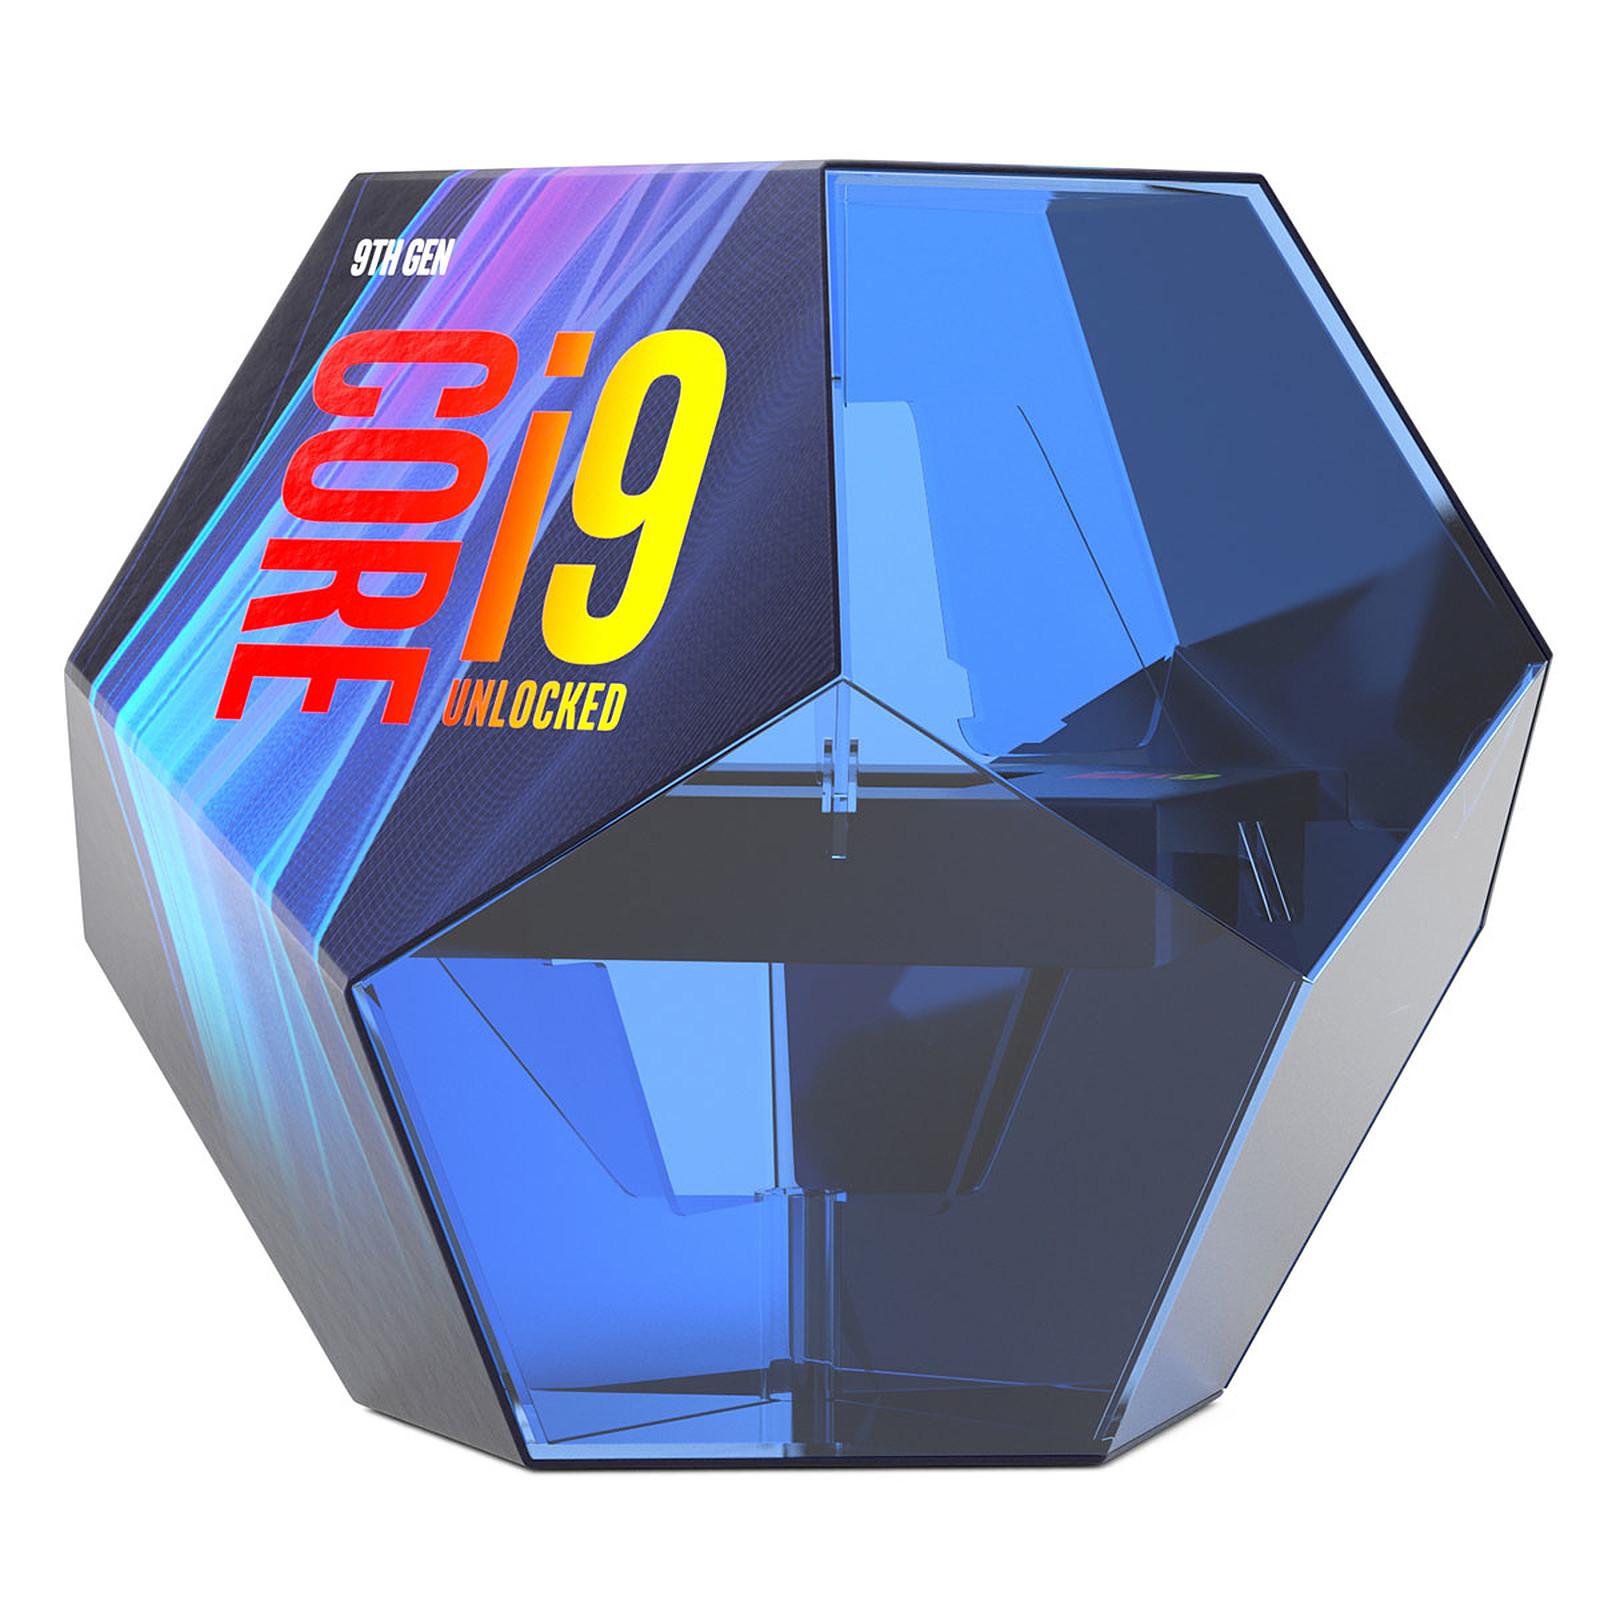 INTEL CORE I9 9900K 3.60GHz 16MB 1151v2 PIN İŞLEMCİ FANSIZ